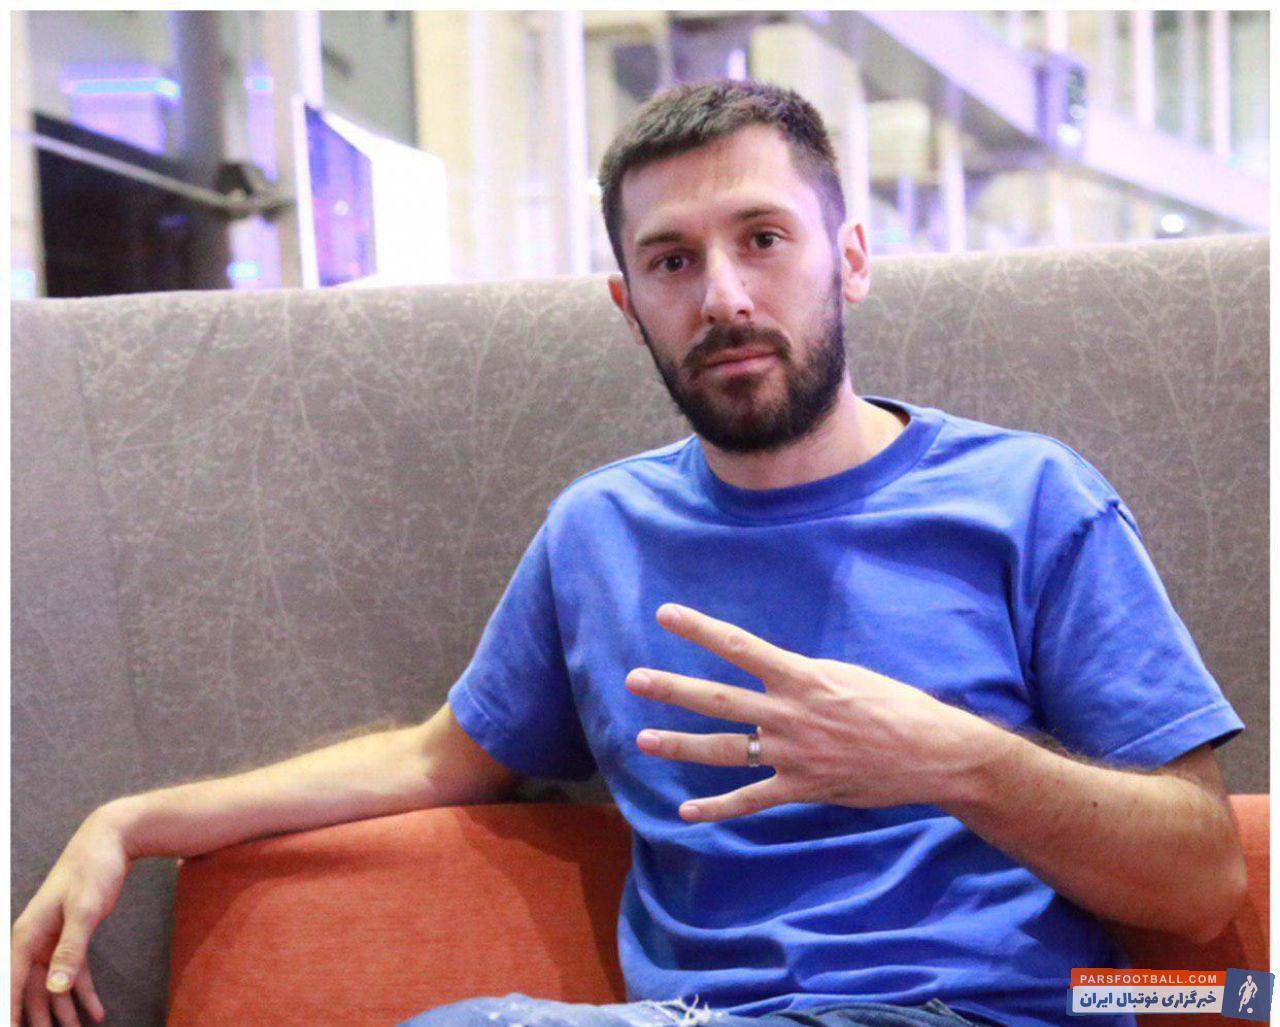 حضور میلیچ در تهران برای حضور در تست پزشکی استقلال